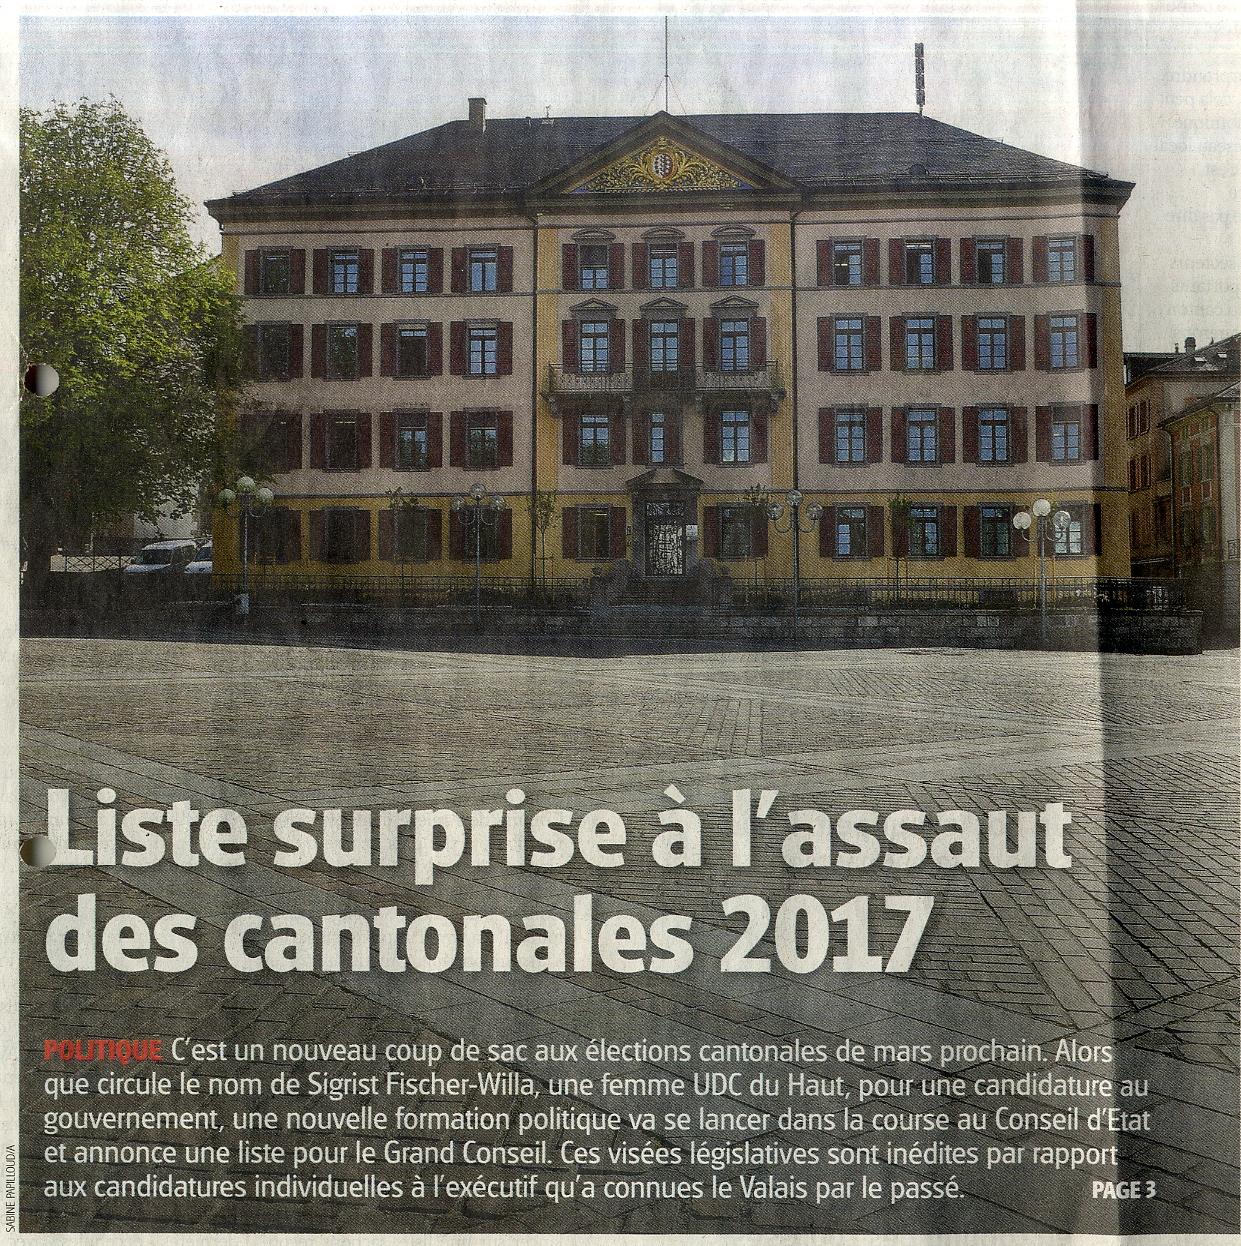 Liste surprise à l'assaut des cantonales 2017